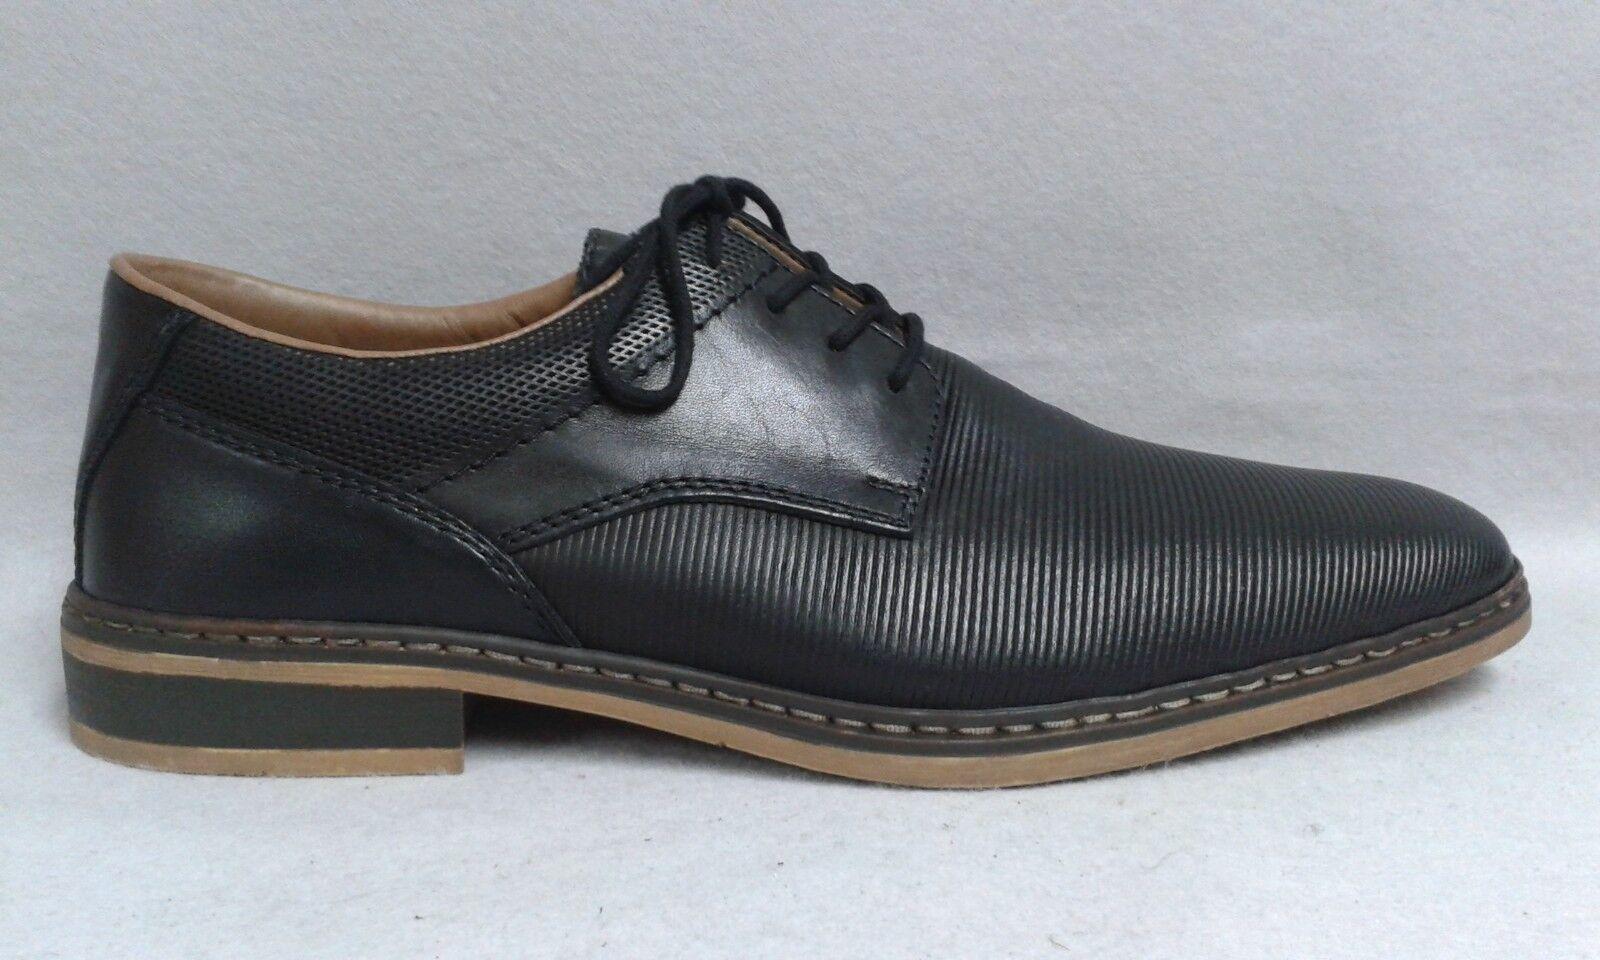 Rieker Schnürschuh schwarz elegant echt Leder geprägt weich gepolstert 0064